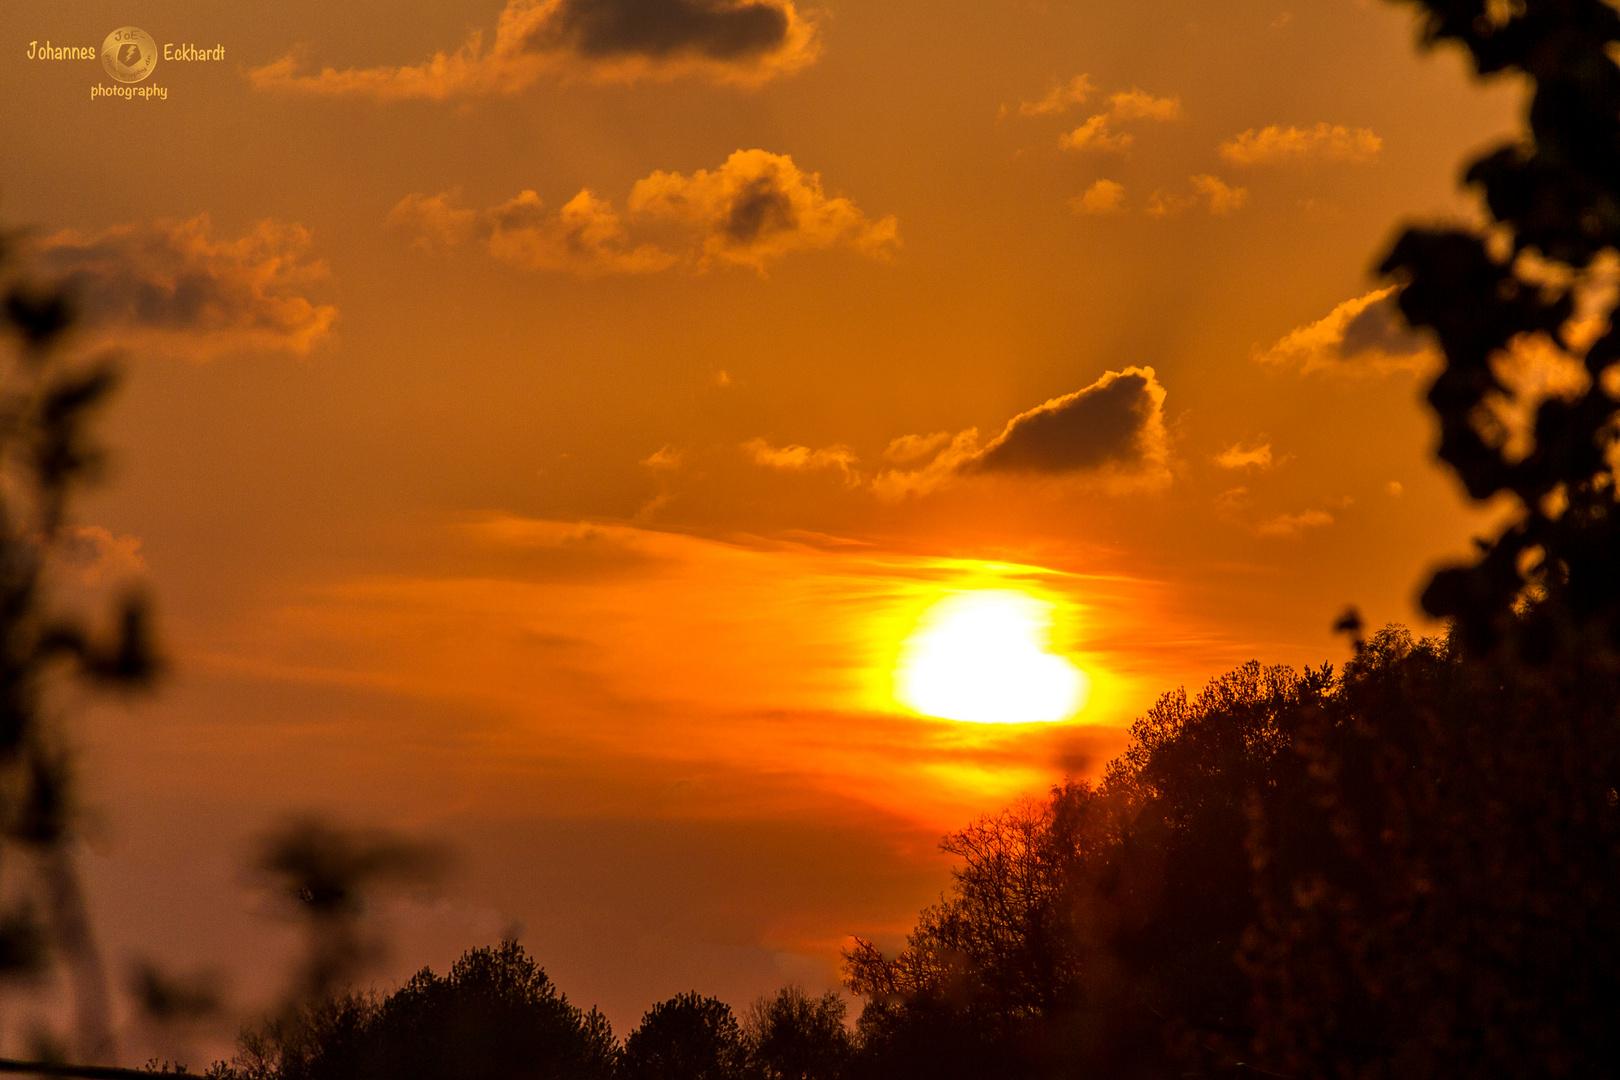 Sonnenuntergang vor Ostern